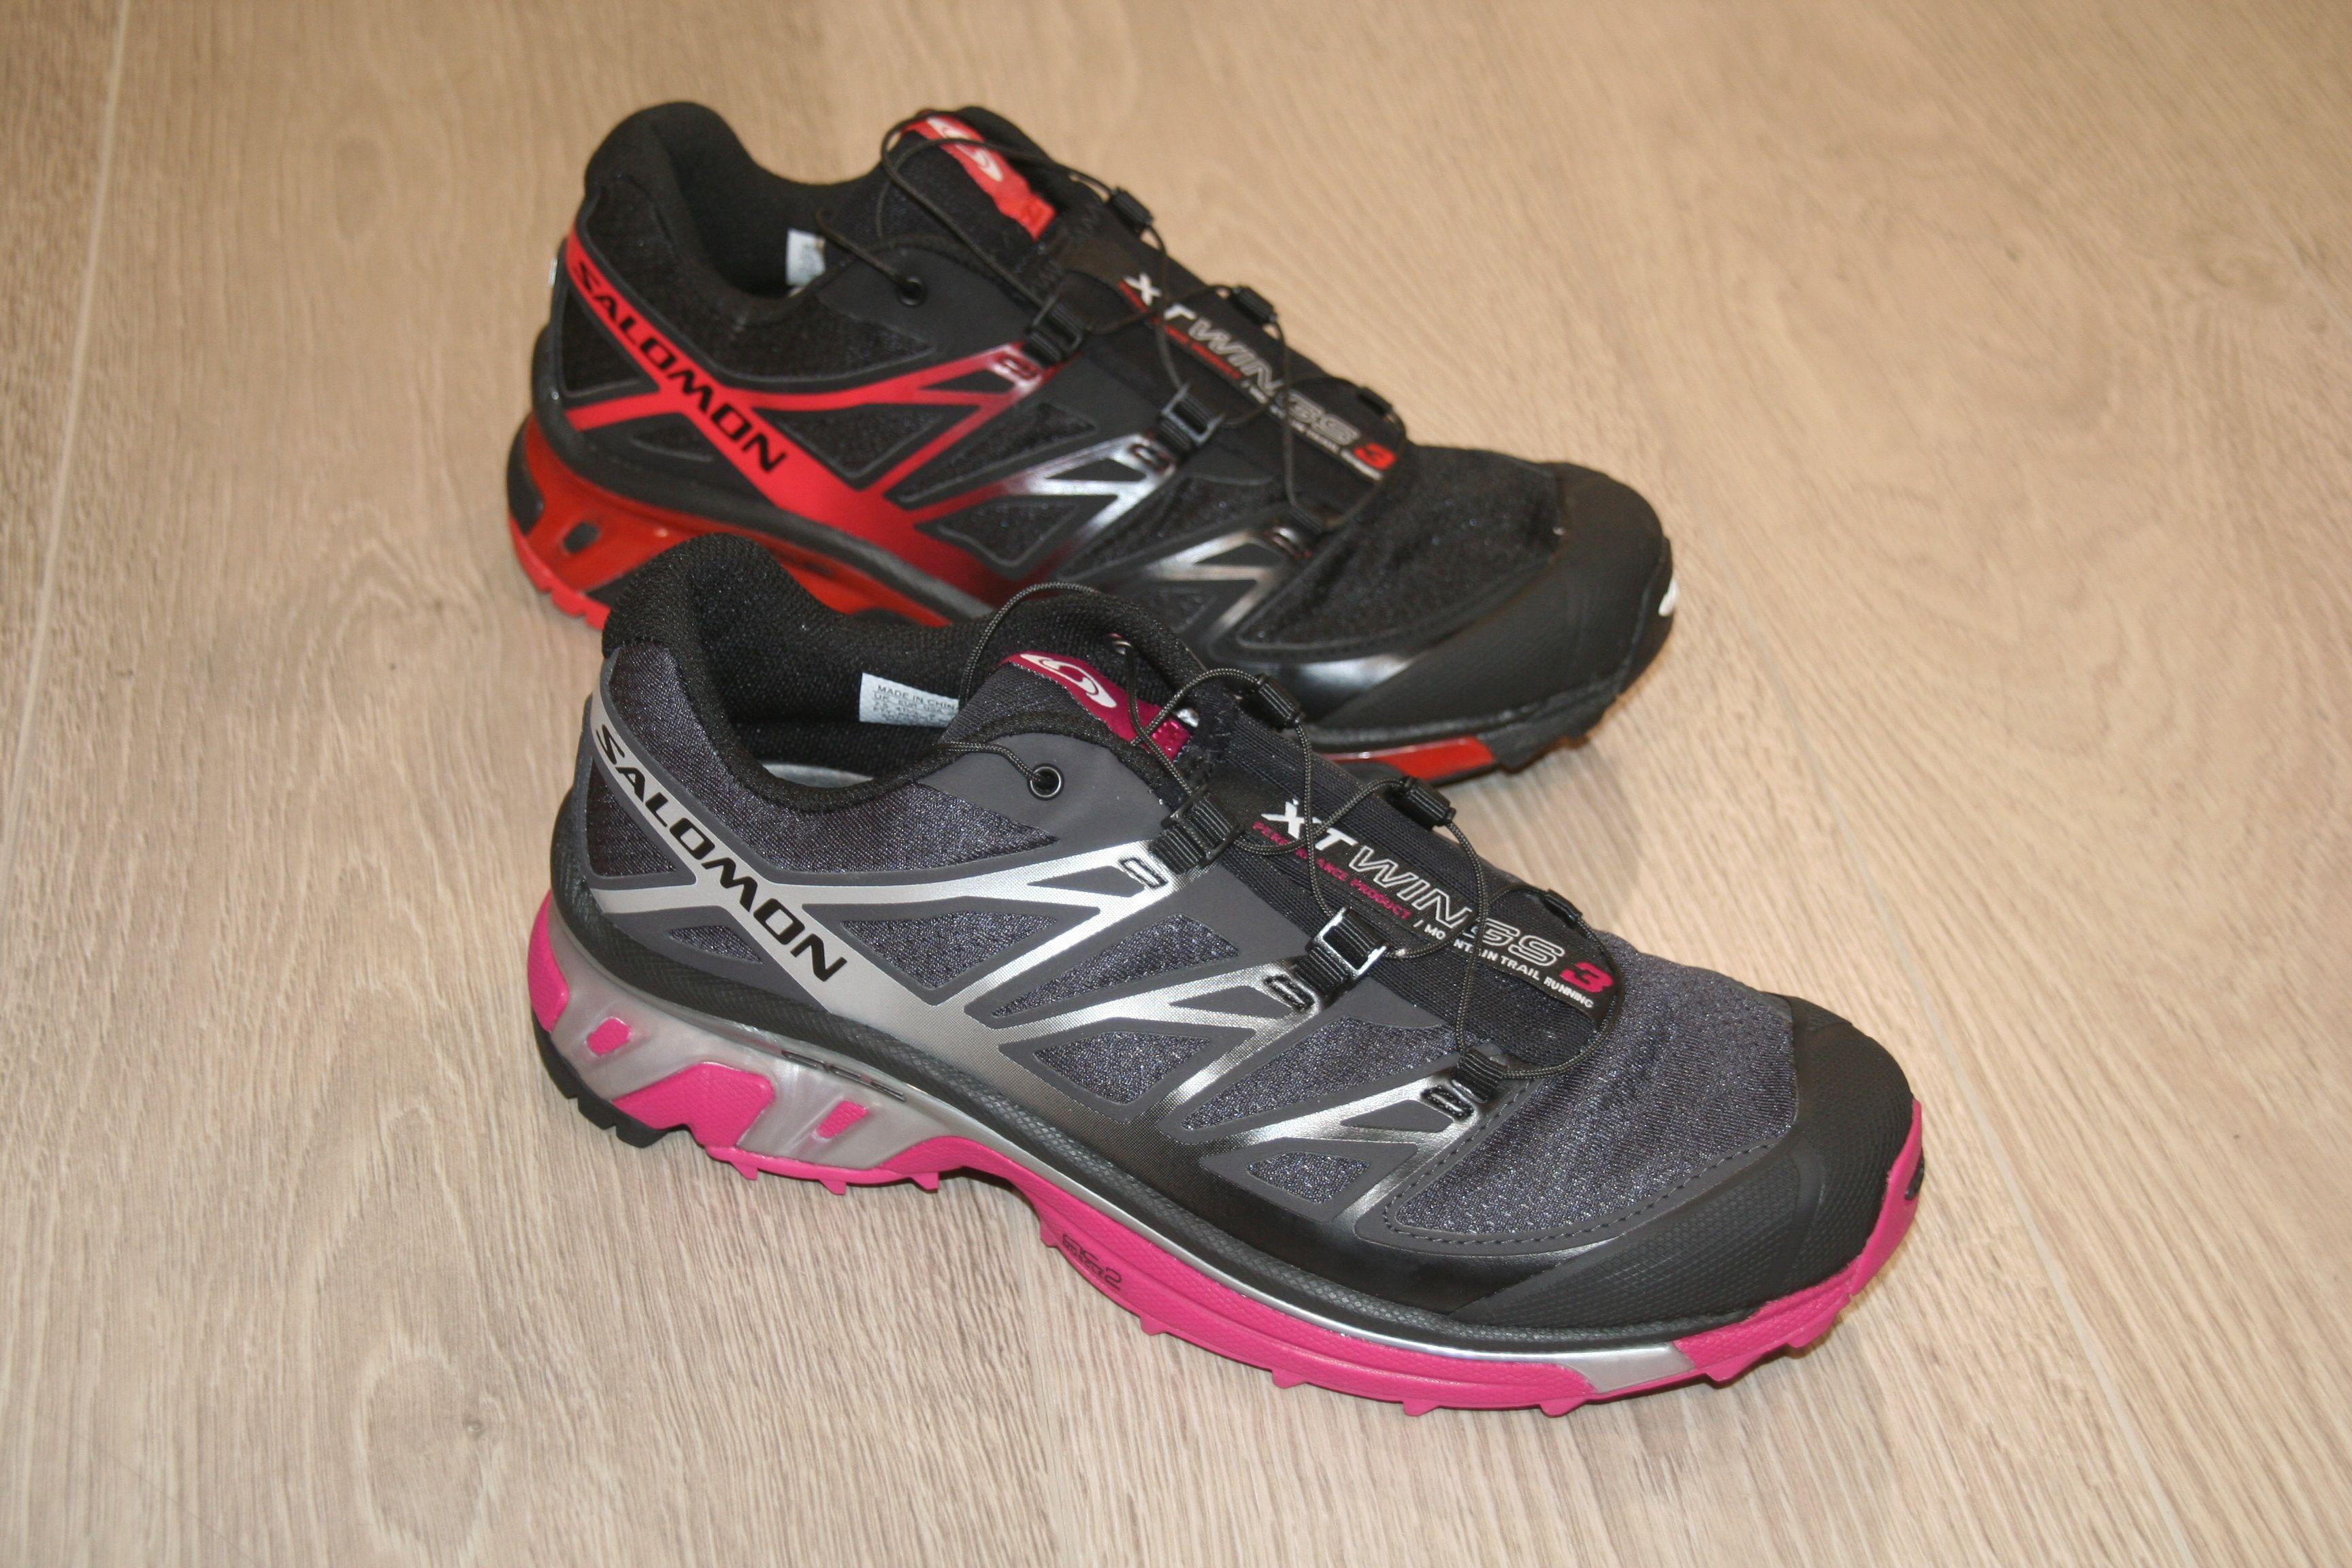 Haut La Wings Xt Salomon 3 Le Gamme Chaussure Trail De YOgqYrw